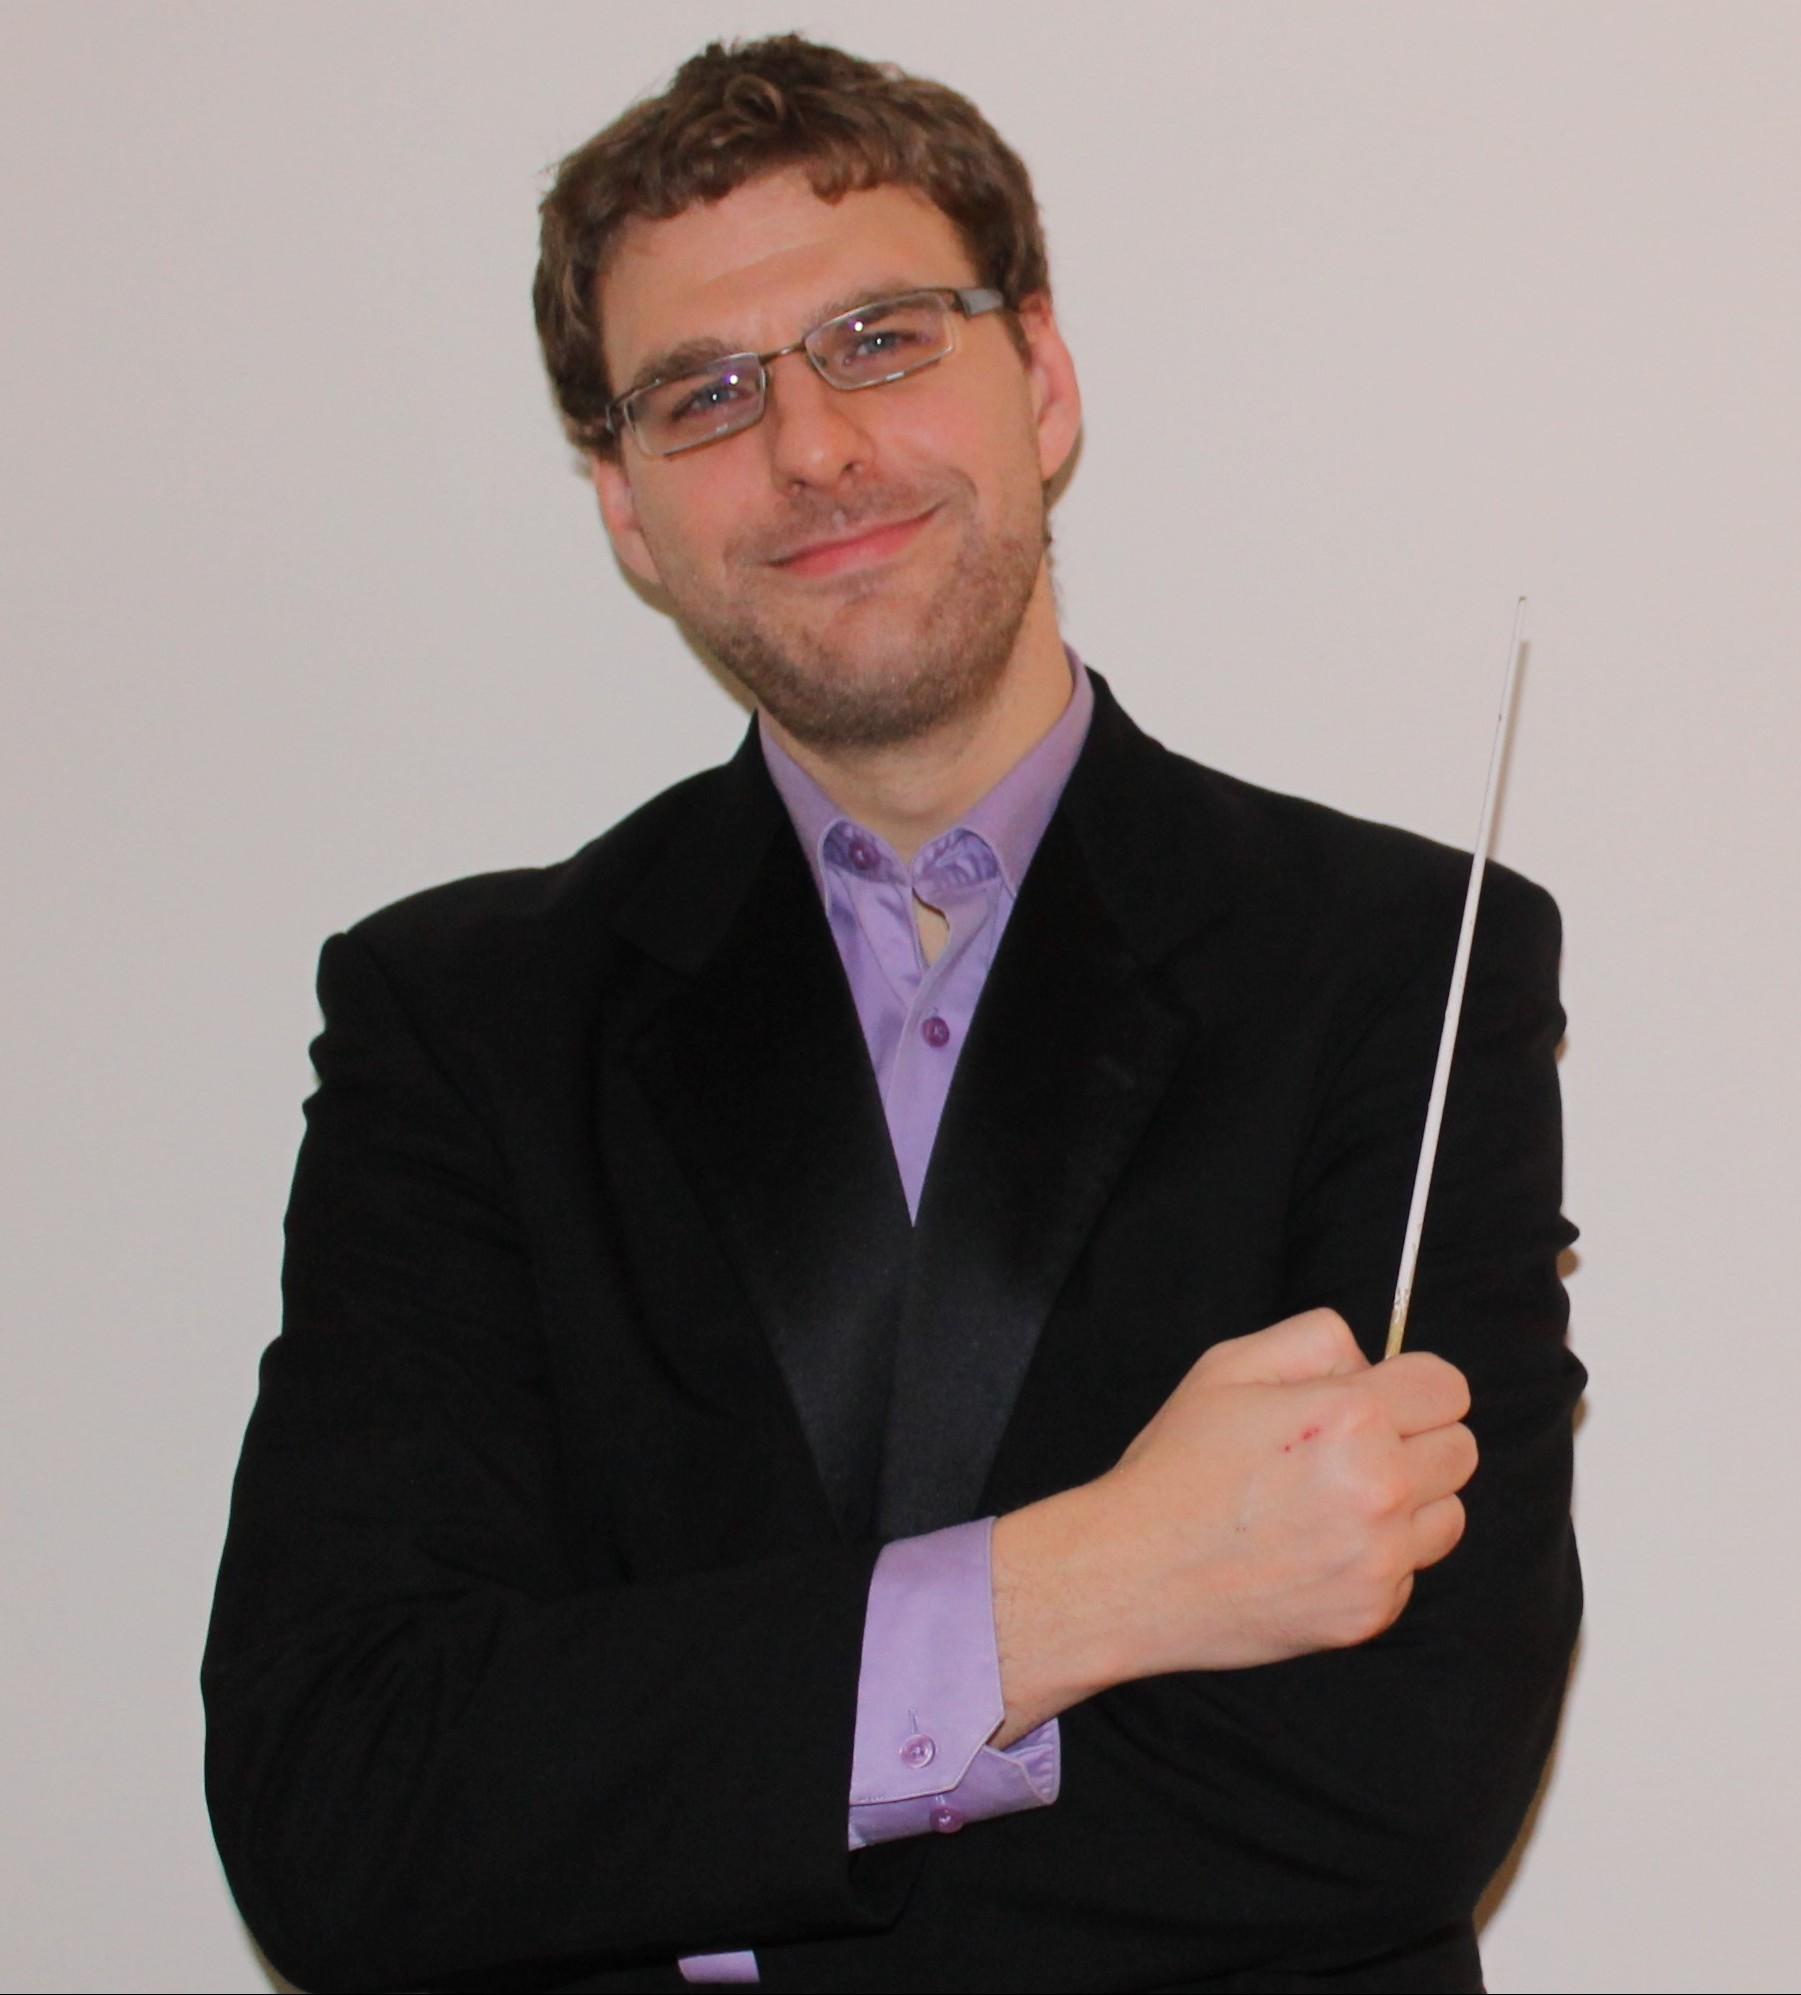 Jens Nissen,  Assistant Conductor